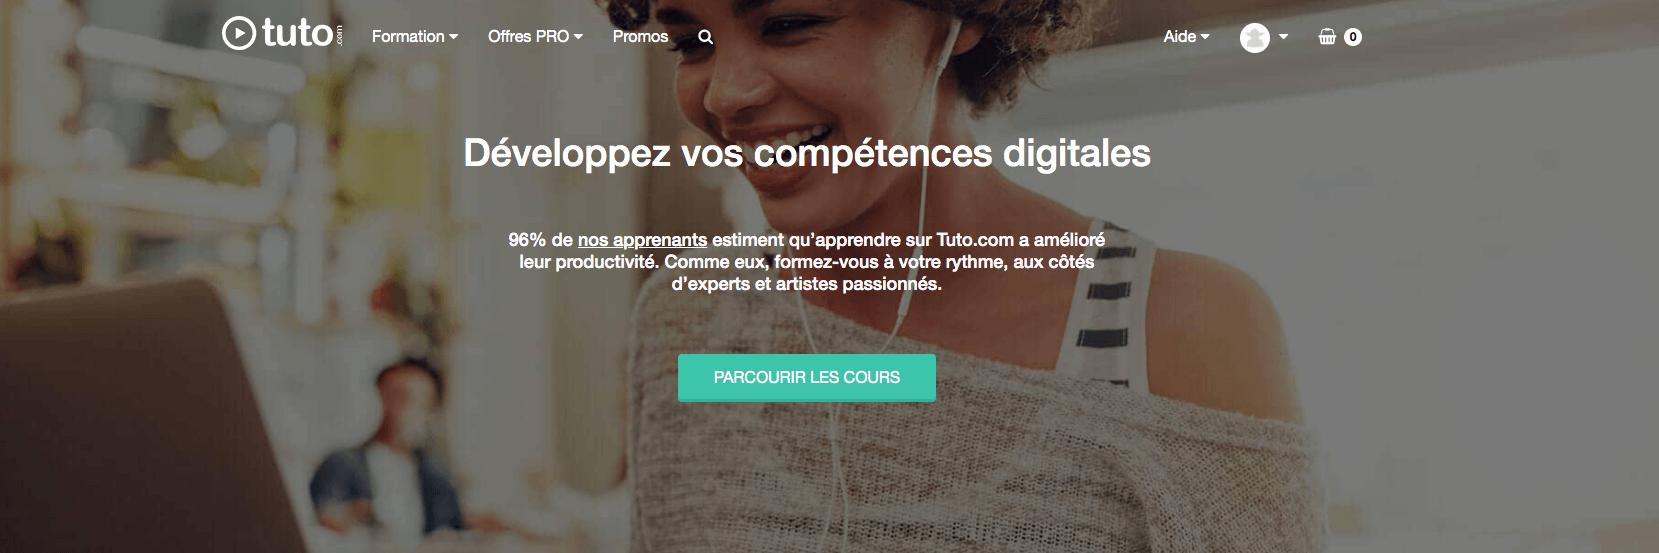 tutos.com